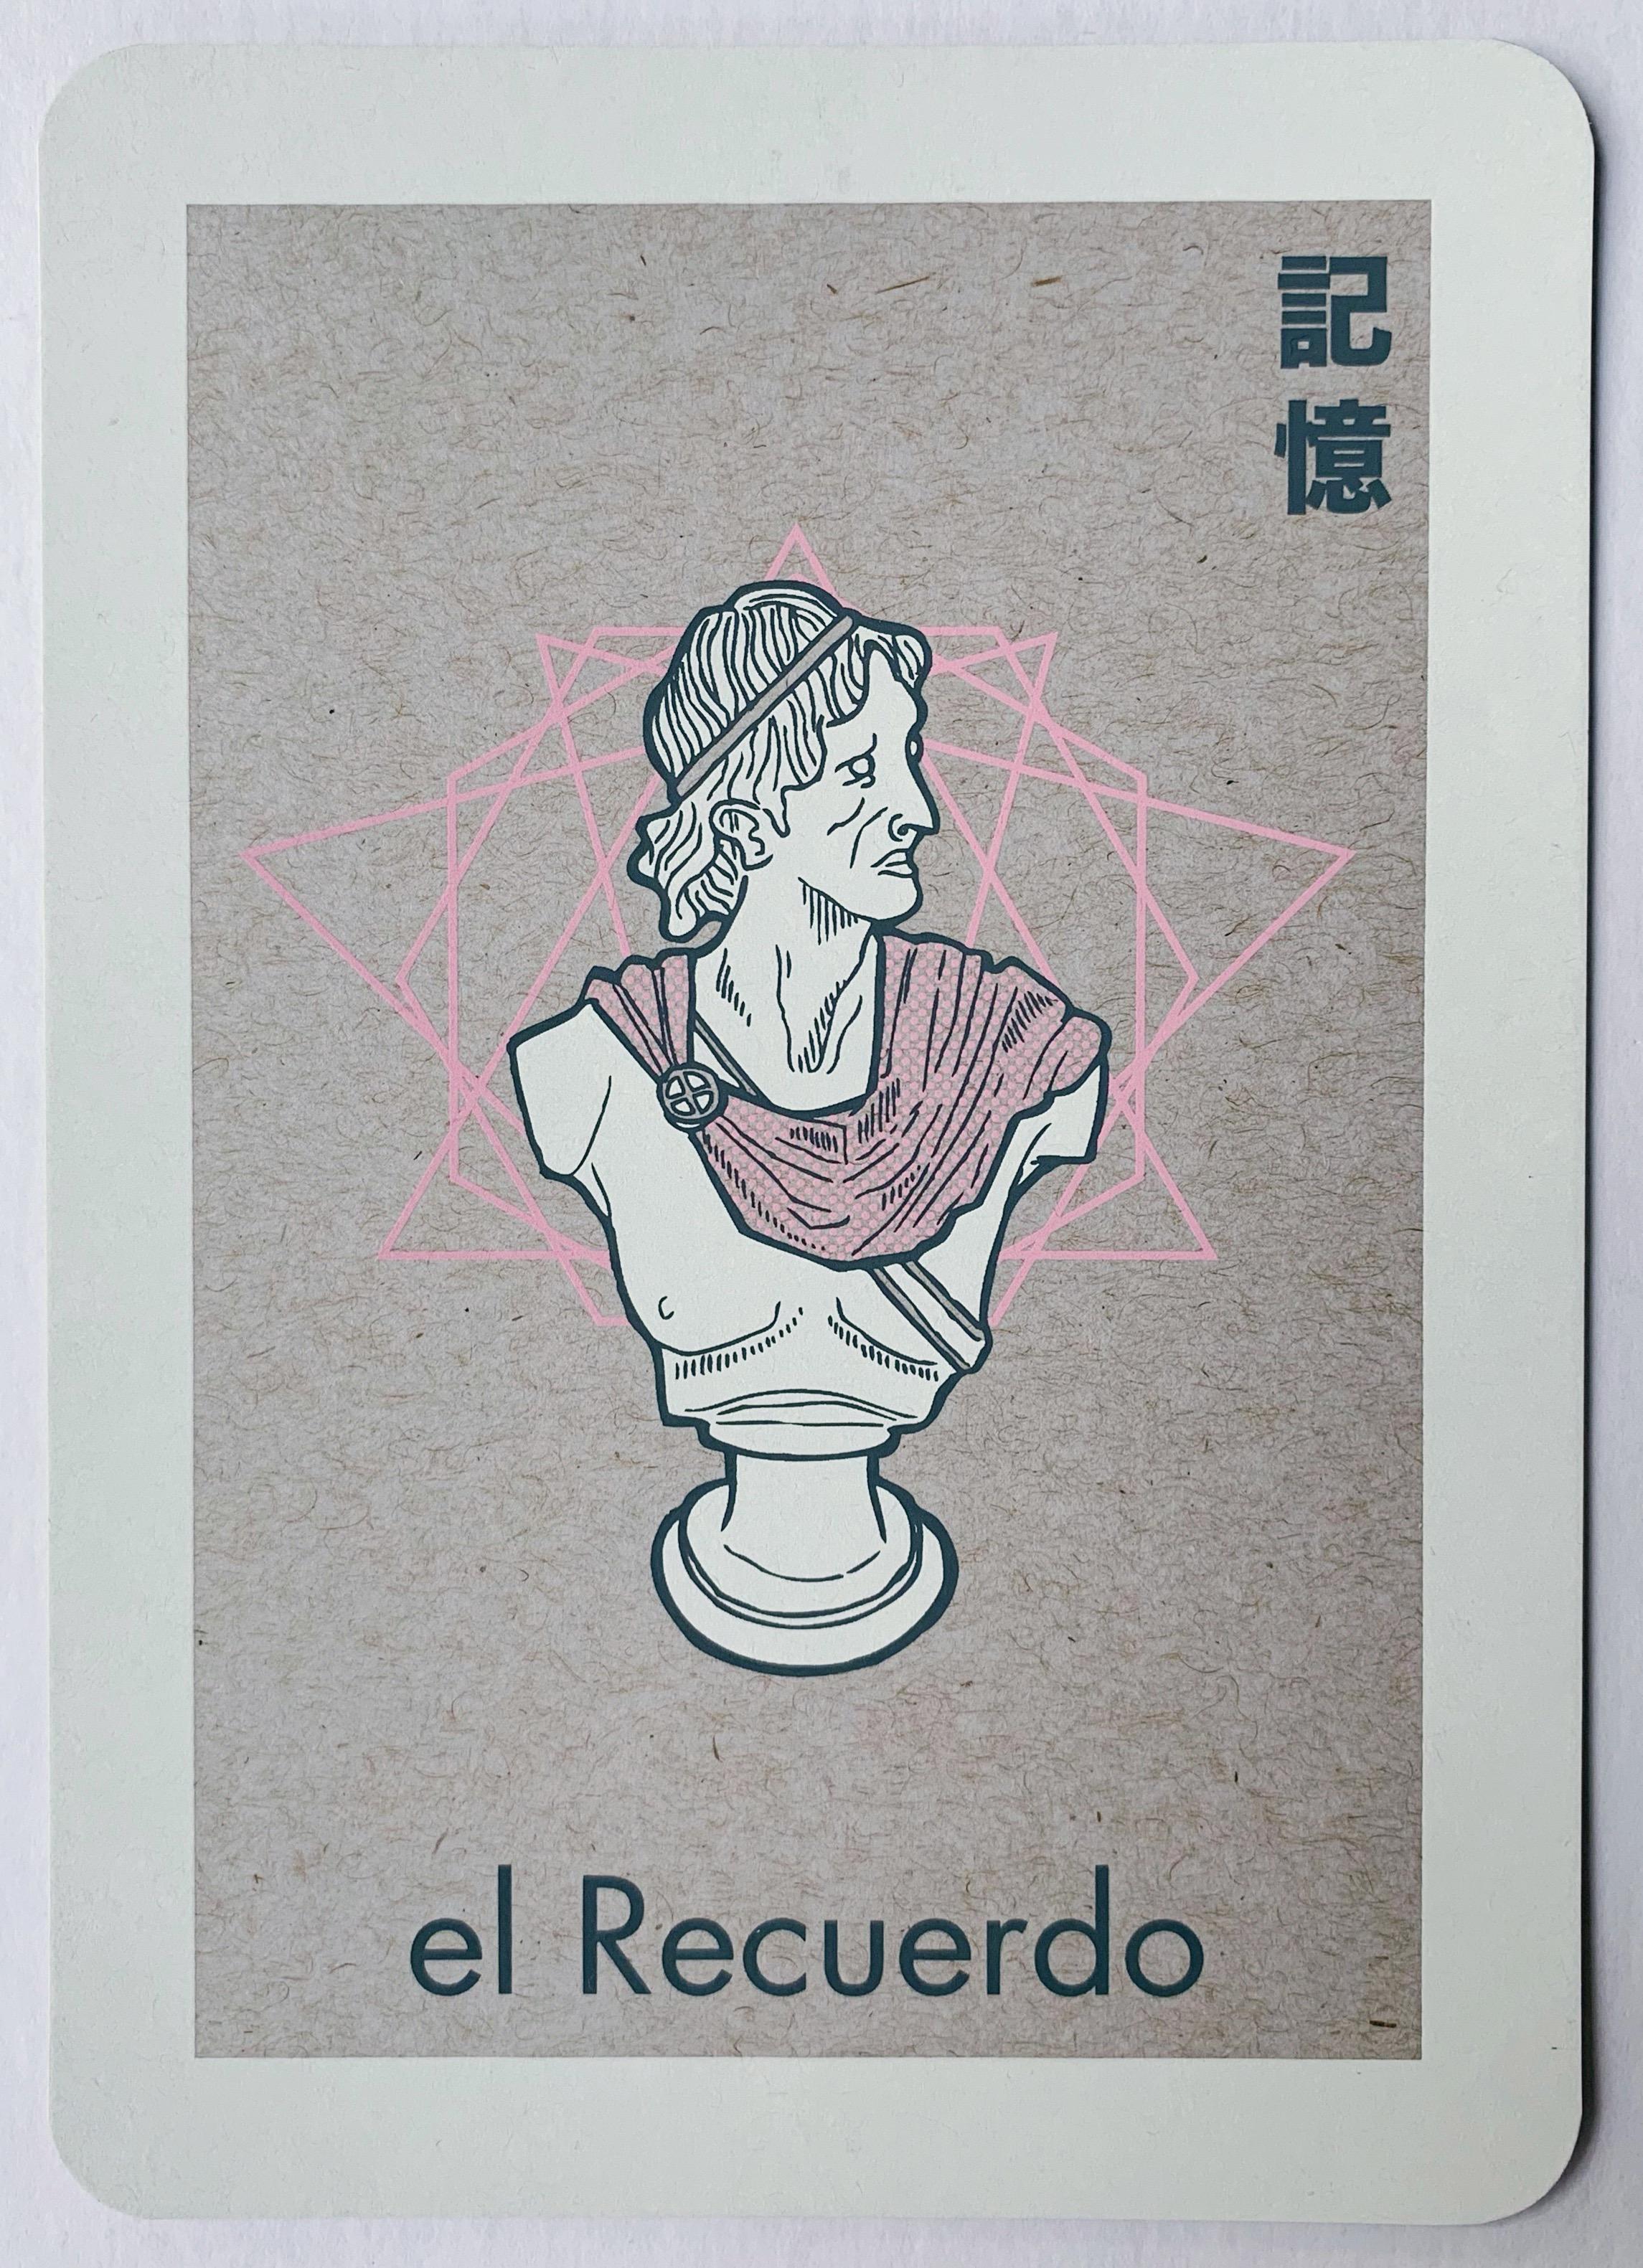 el Recuerdo, serigraphy, 2017